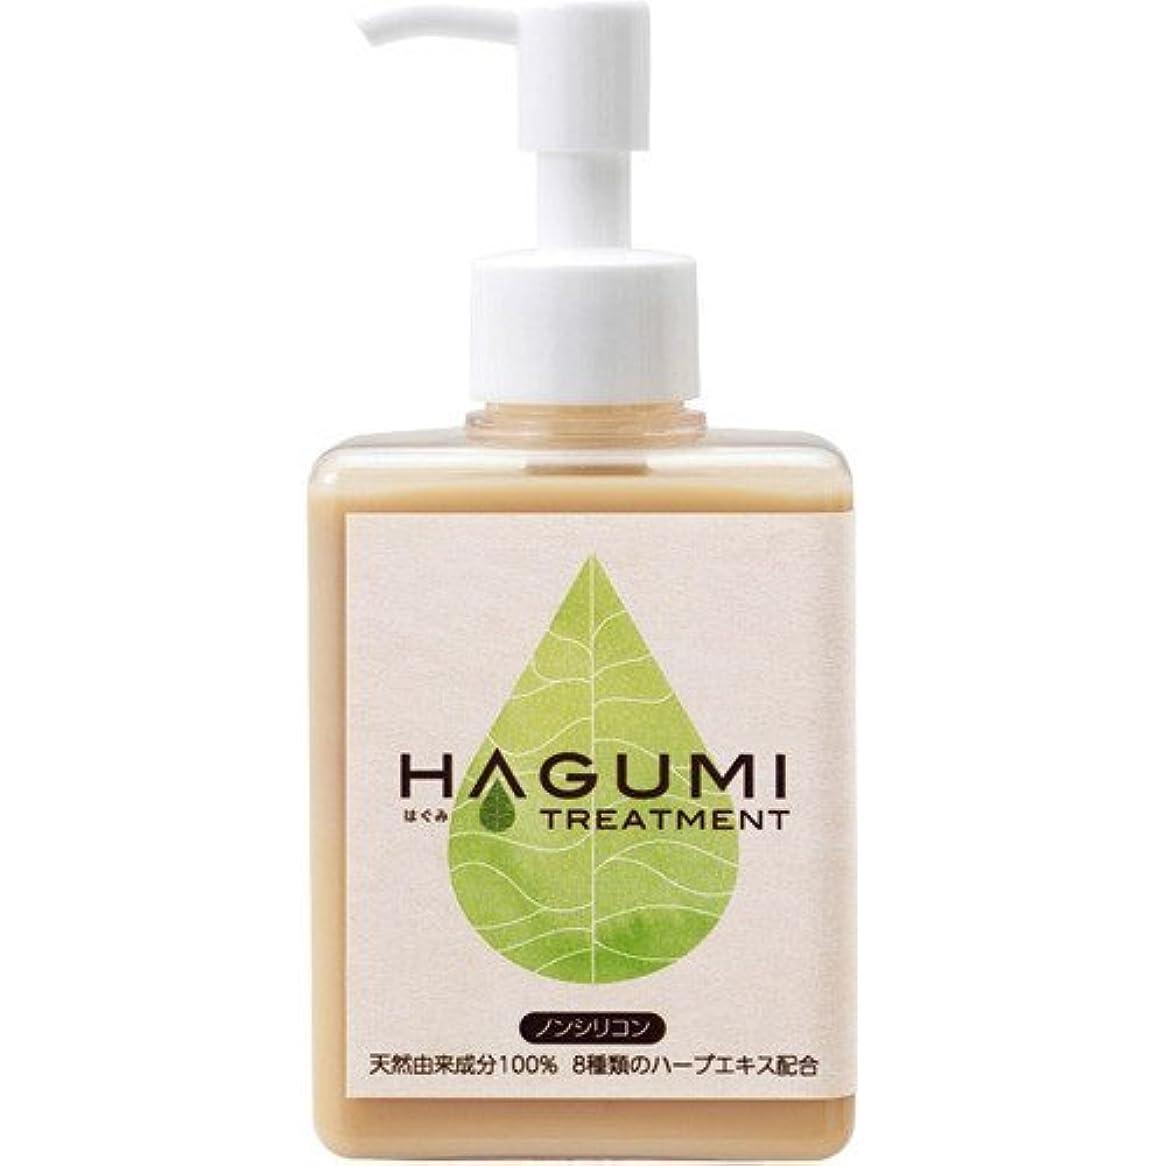 浪費蒸し器宝HAGUMI(ハグミ) トリートメント 200ml